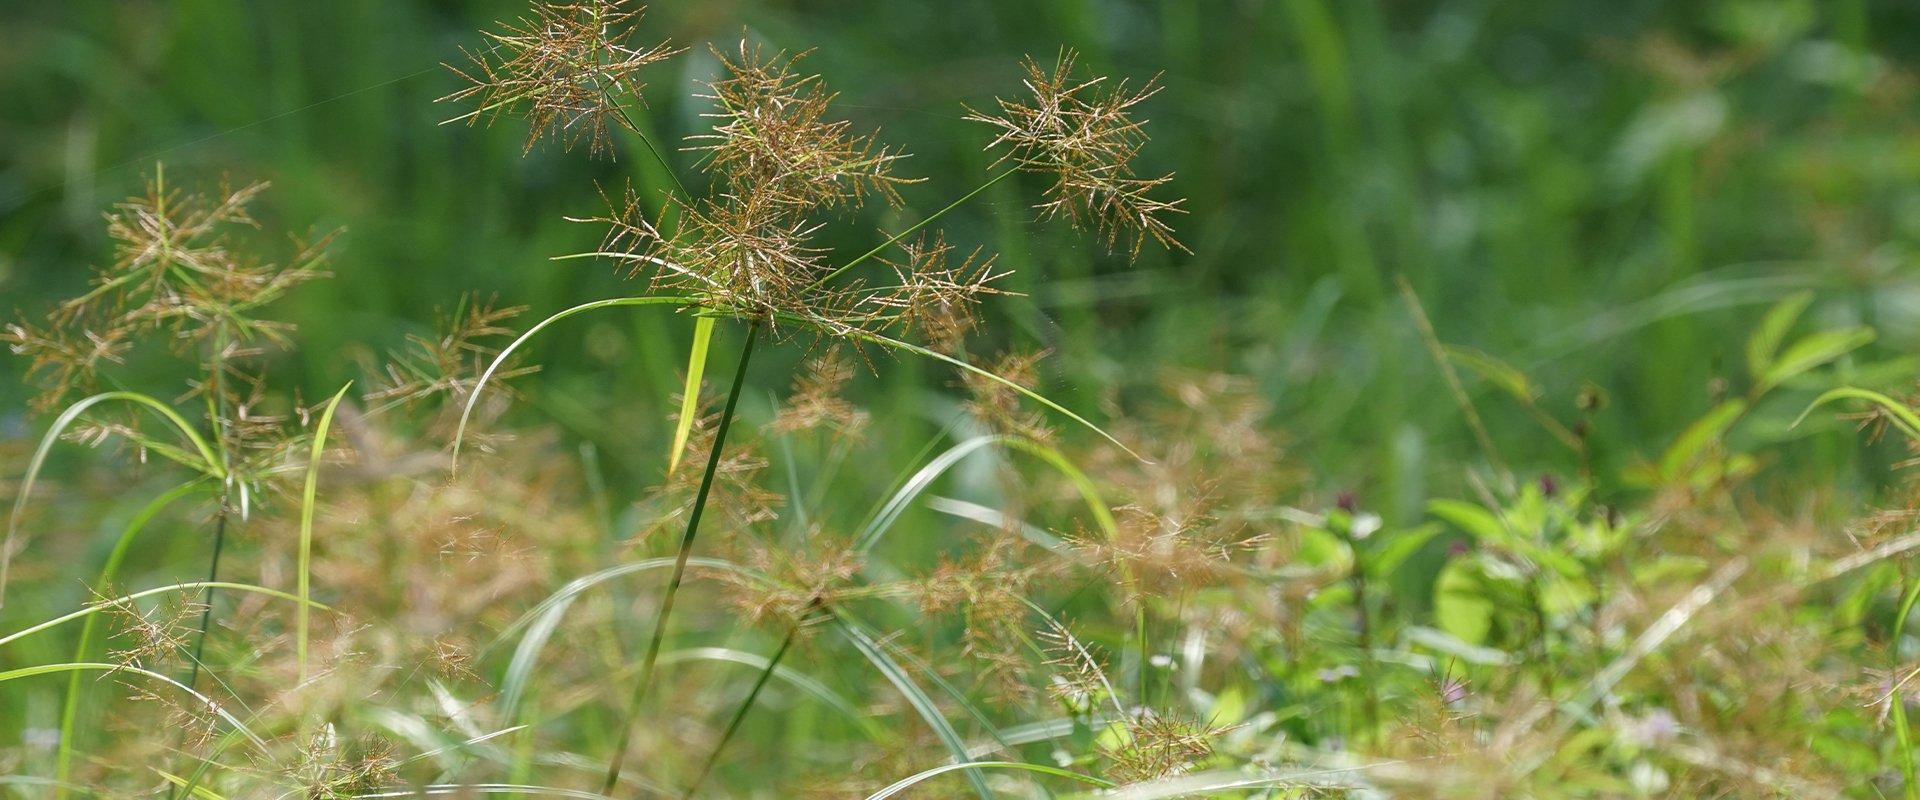 sedge weed in pasture